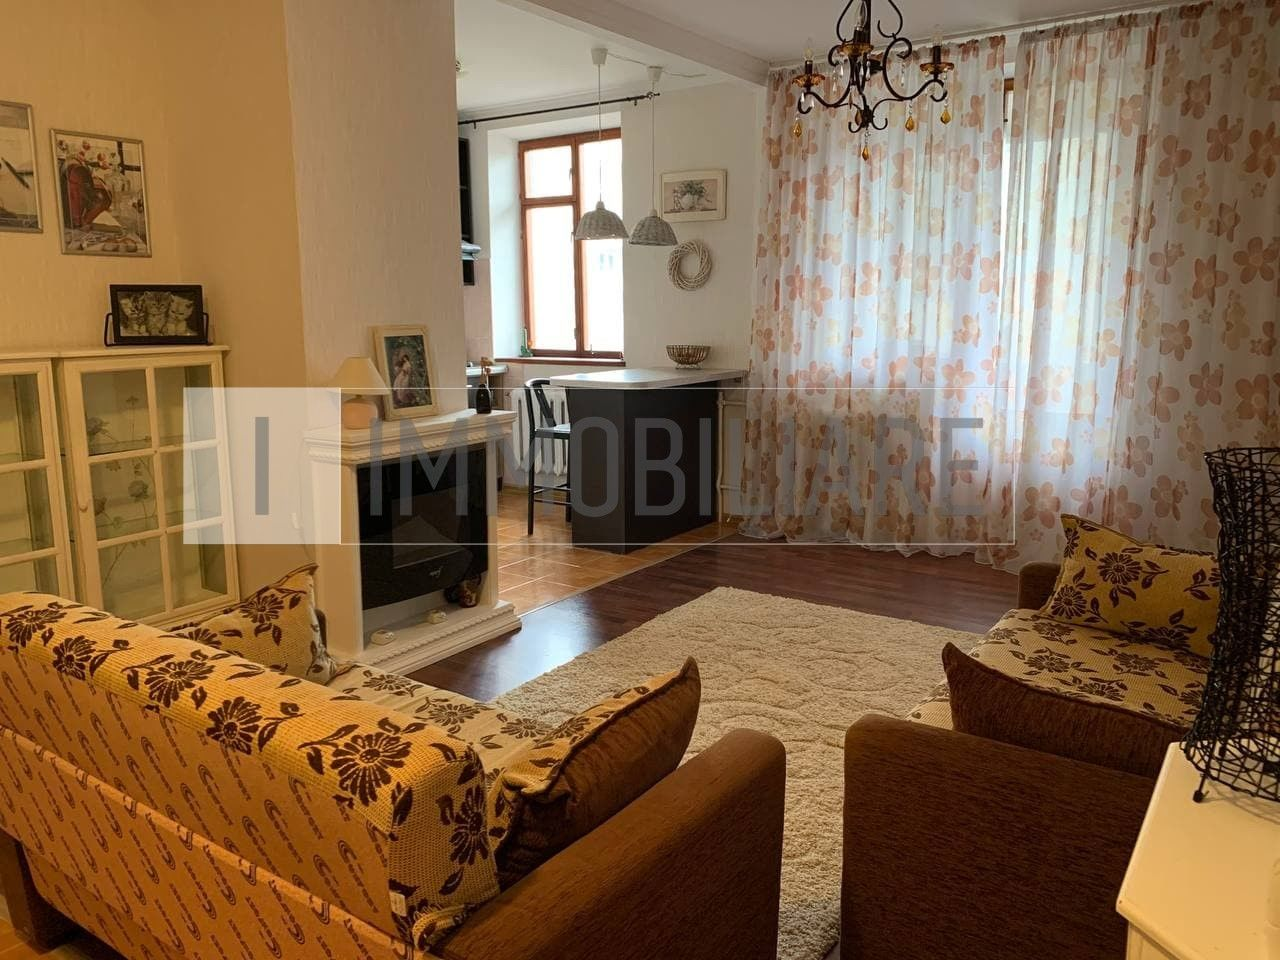 Apartament cu 1 cameră + living, sect. Botanica, str. Minsk.